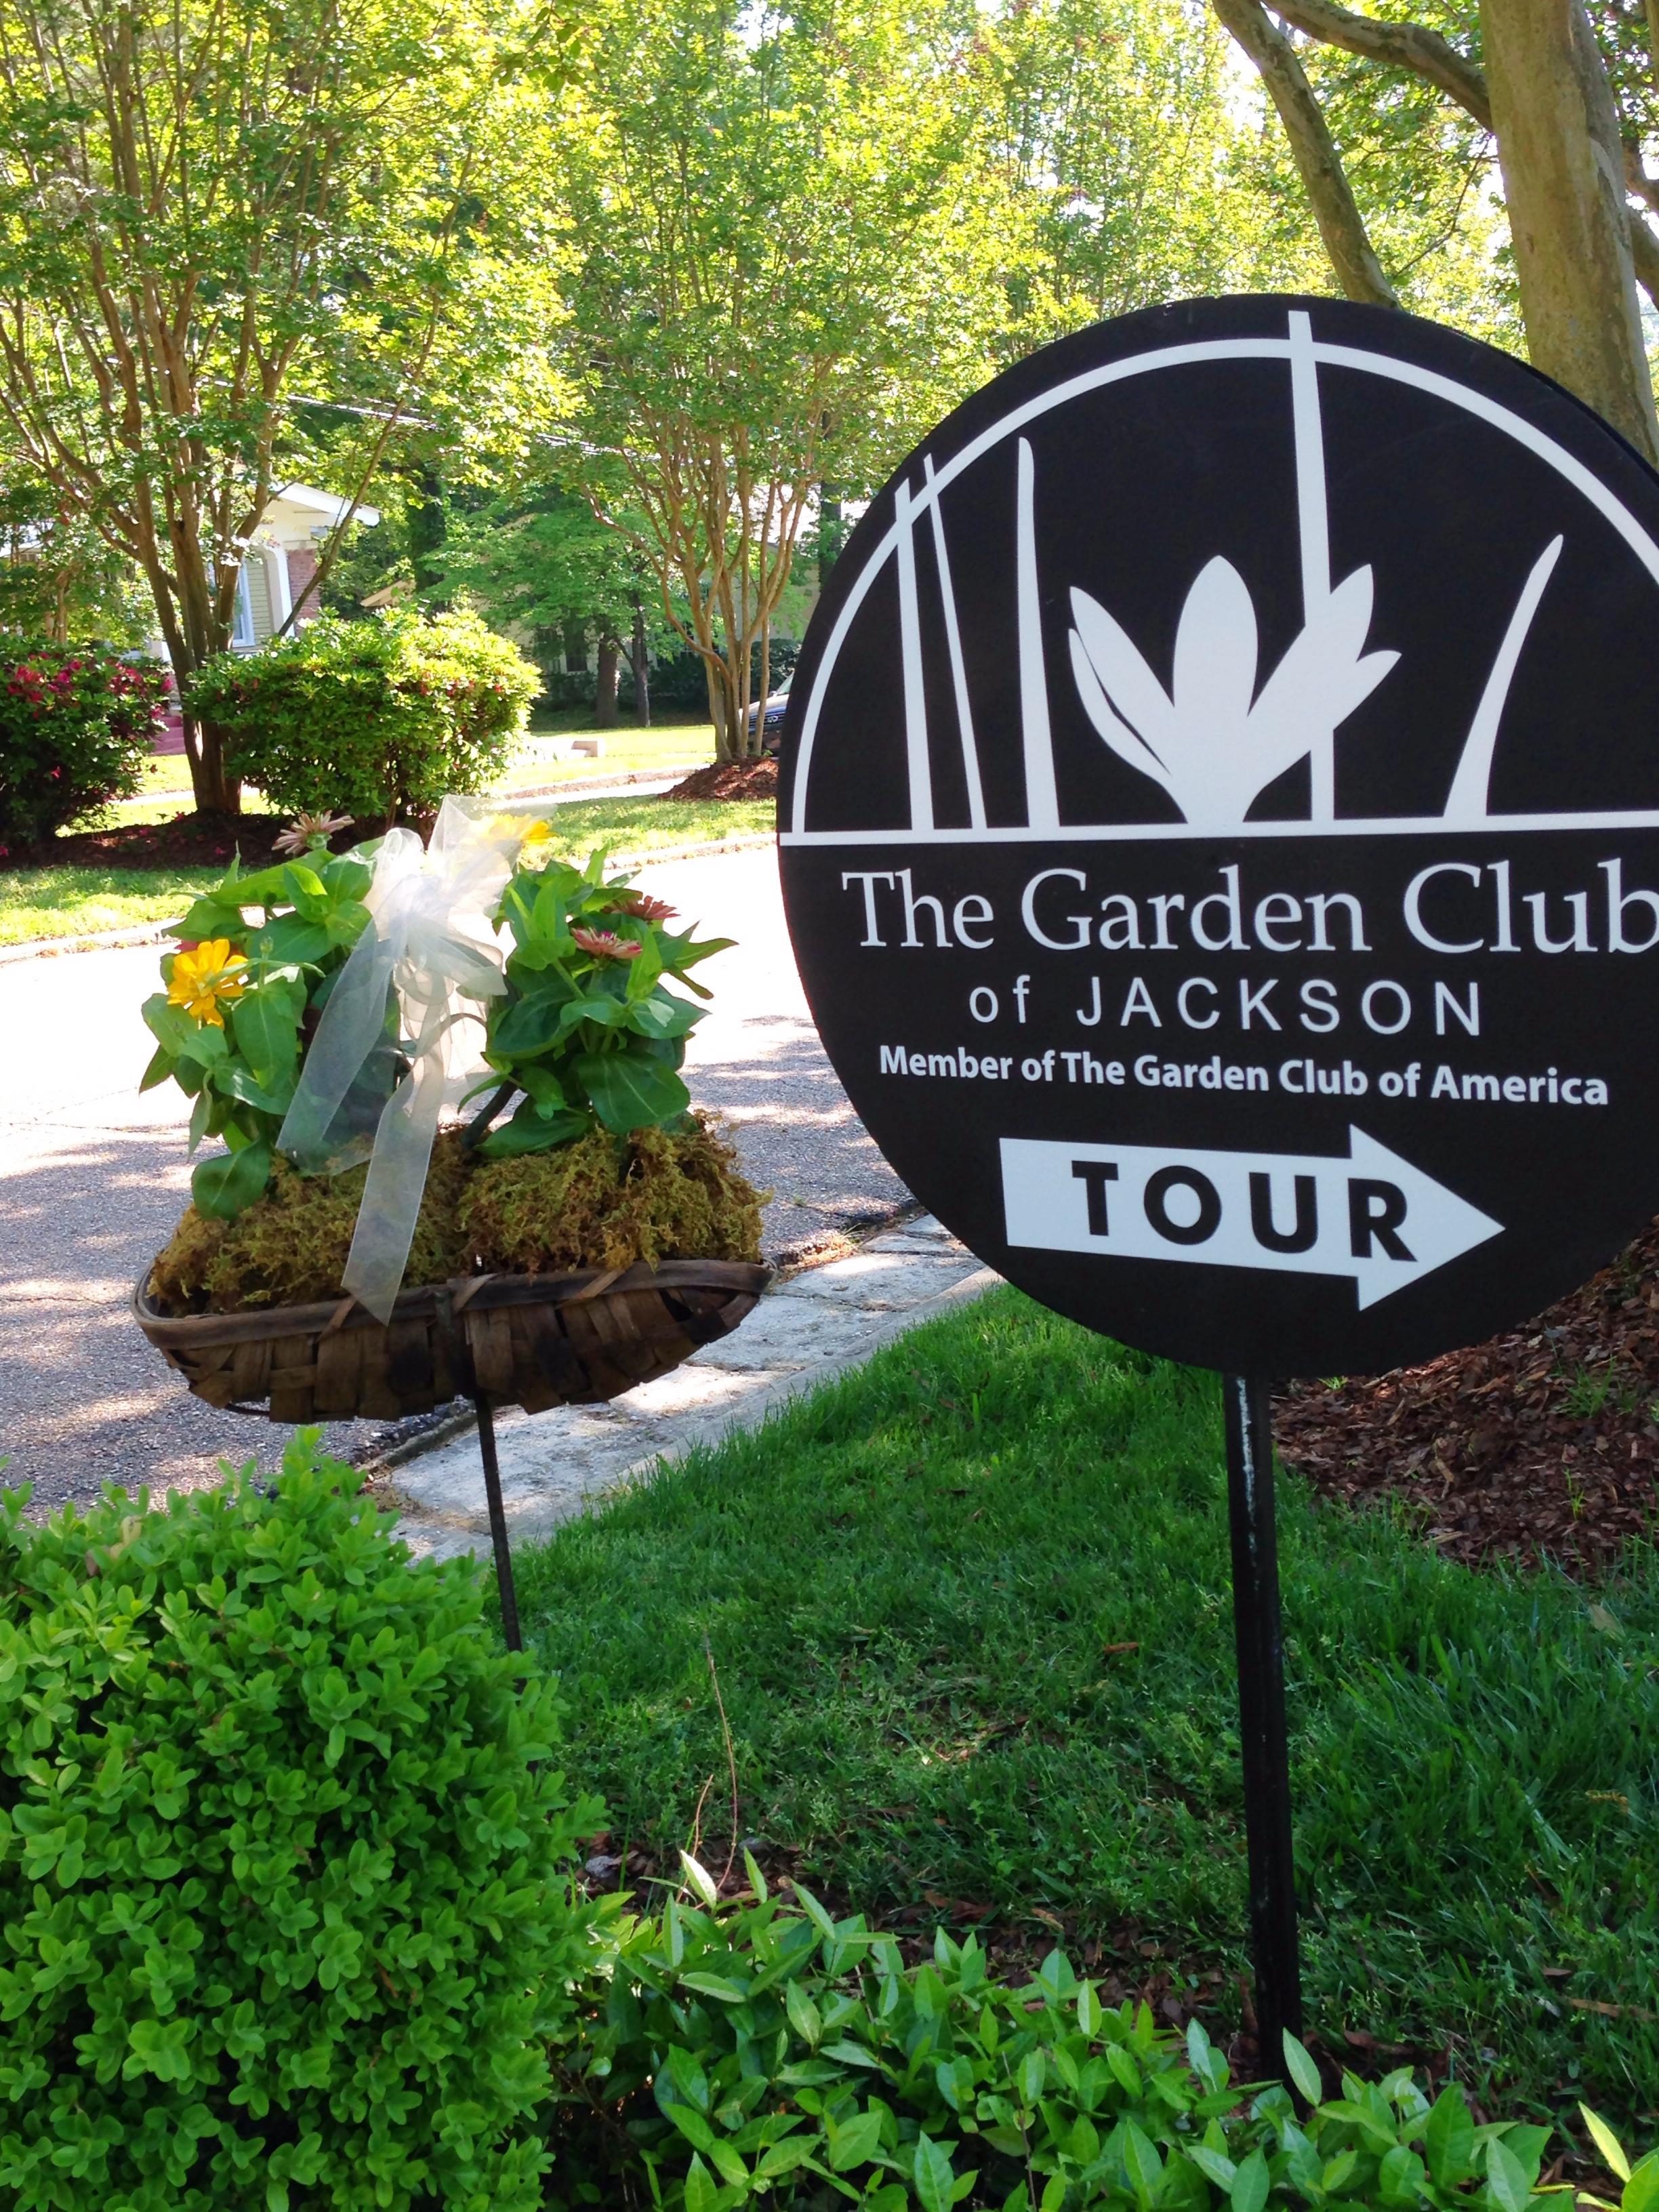 Garden Club of Jackson Spring Tour